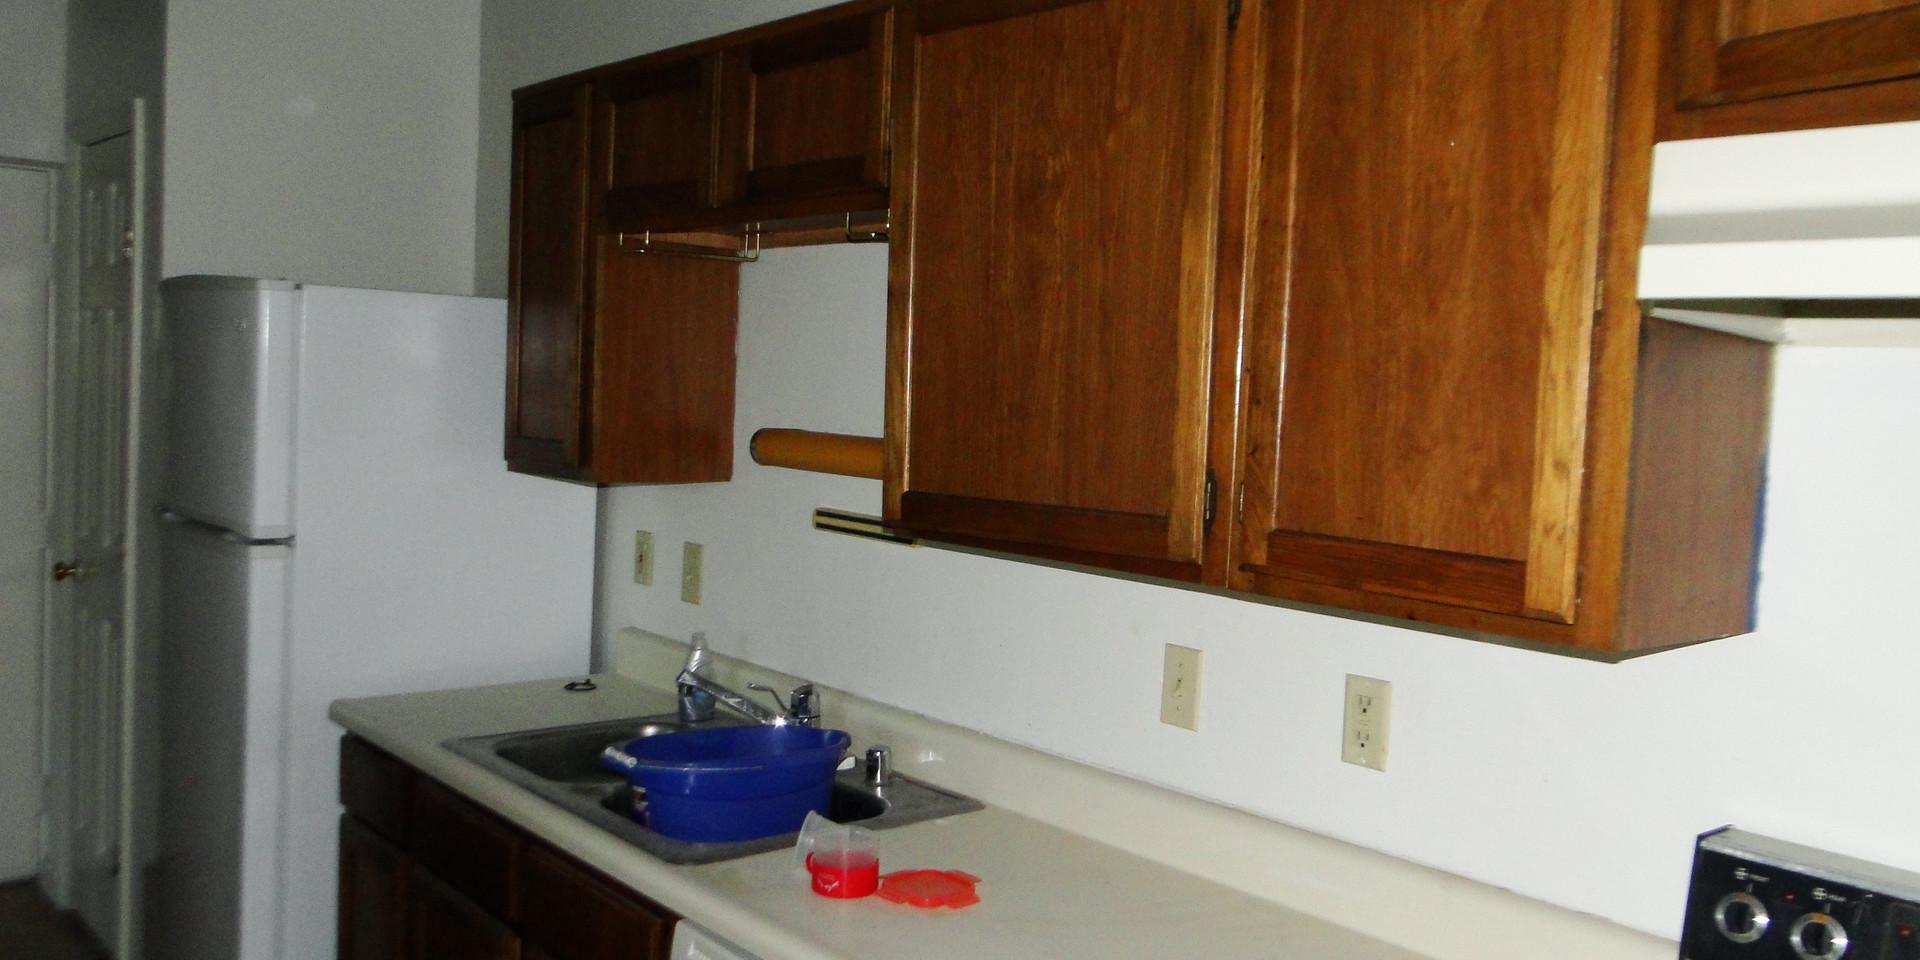 09 - Kitchen 1.JPG